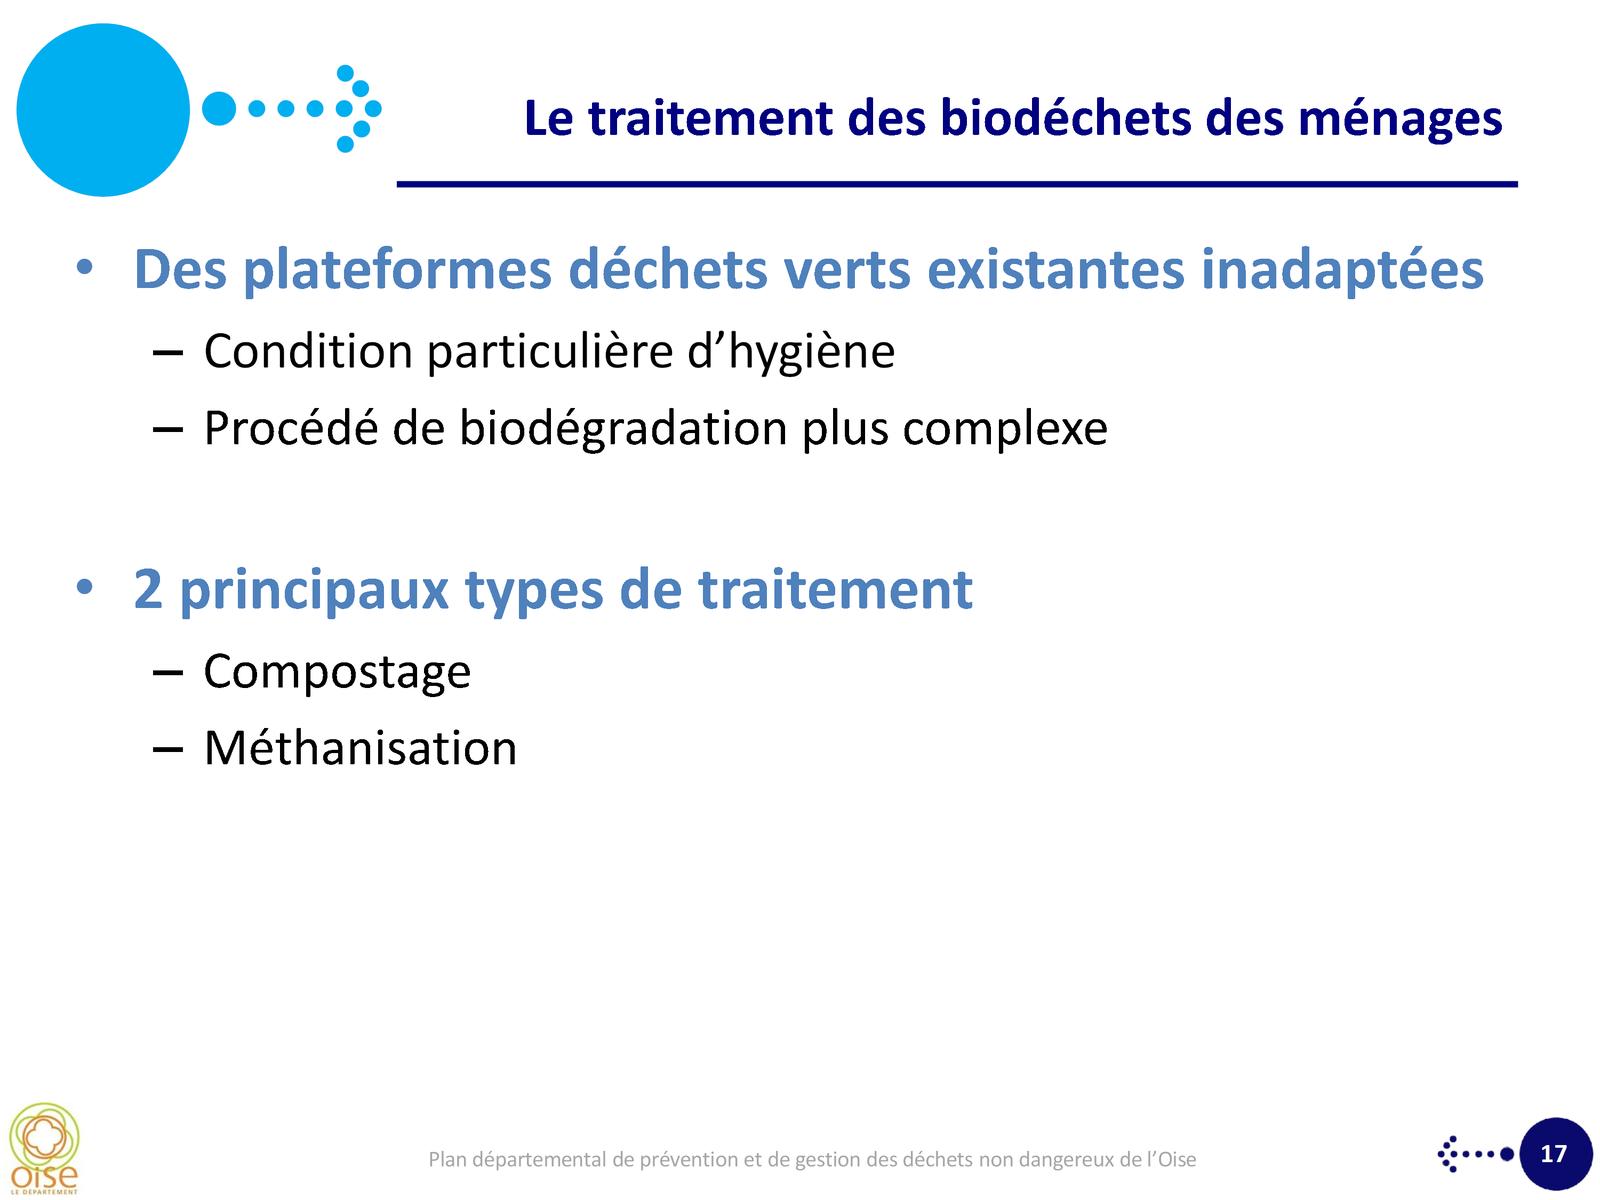 Plan départemental de prévention et de gestion des déchets non dangereux de l'Oise (suite n°2)